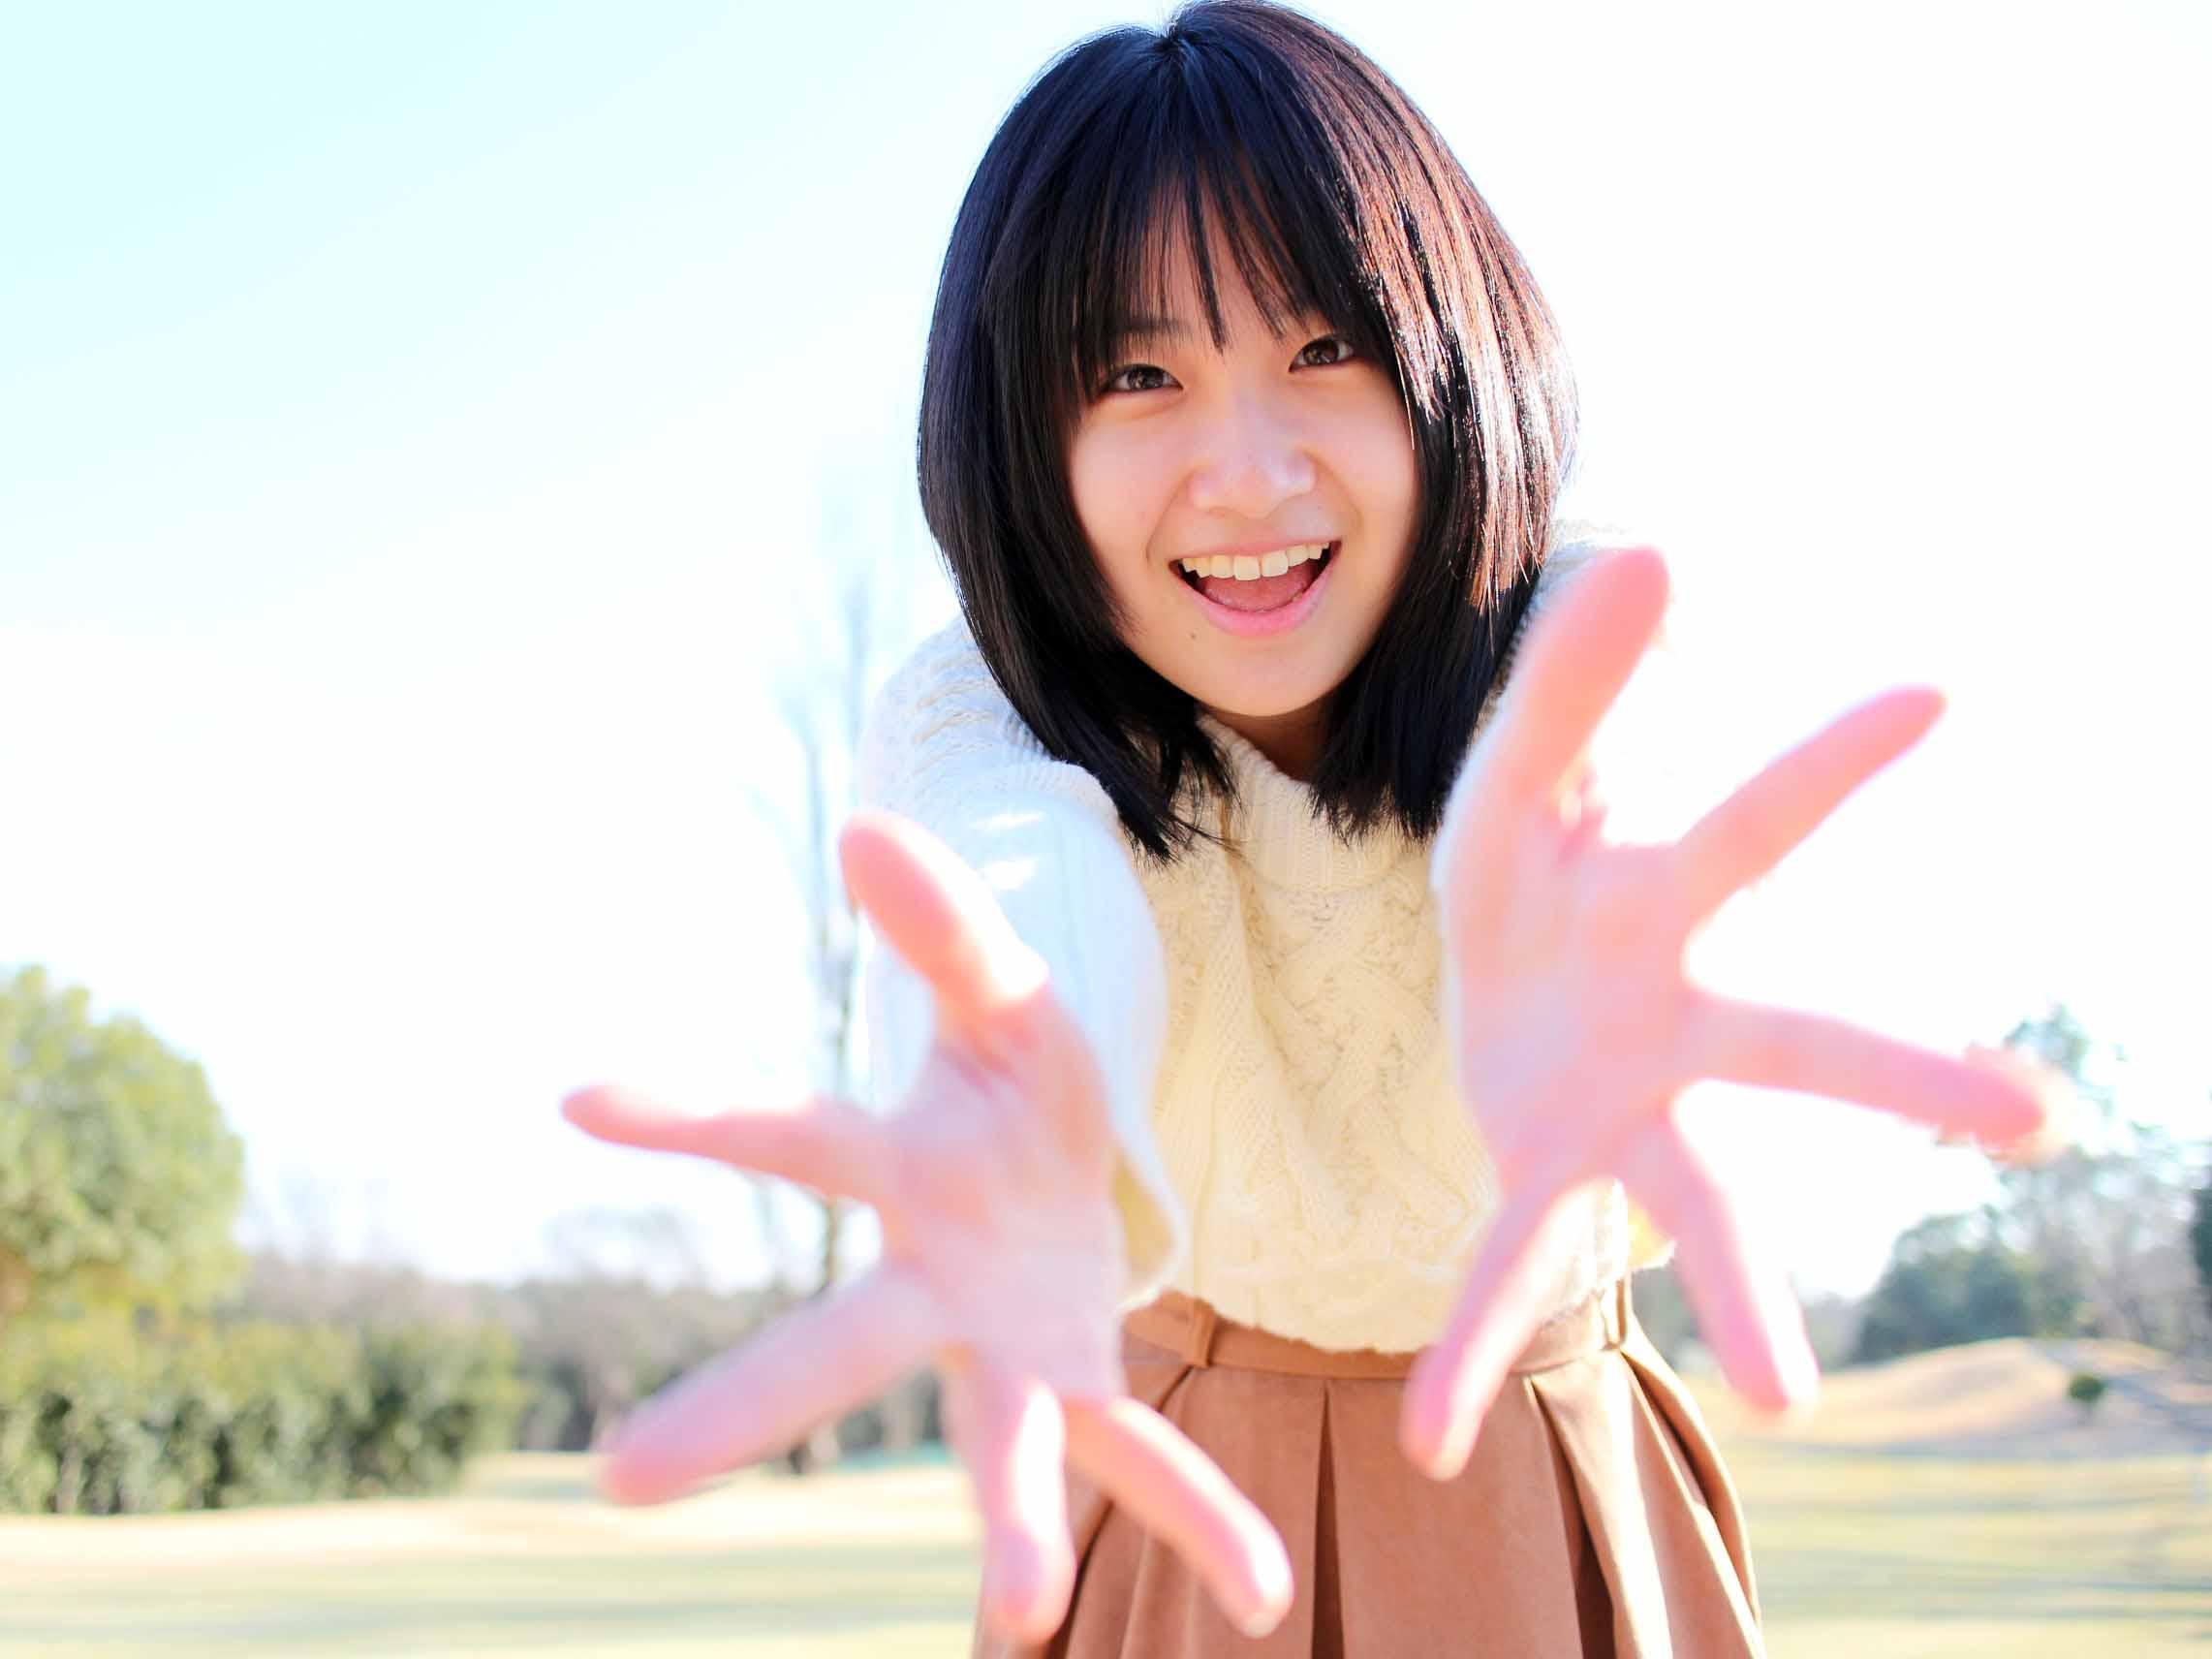 【満員御礼!!】朔野まりあ 野外撮影会【春の桜撮影会vol.1】